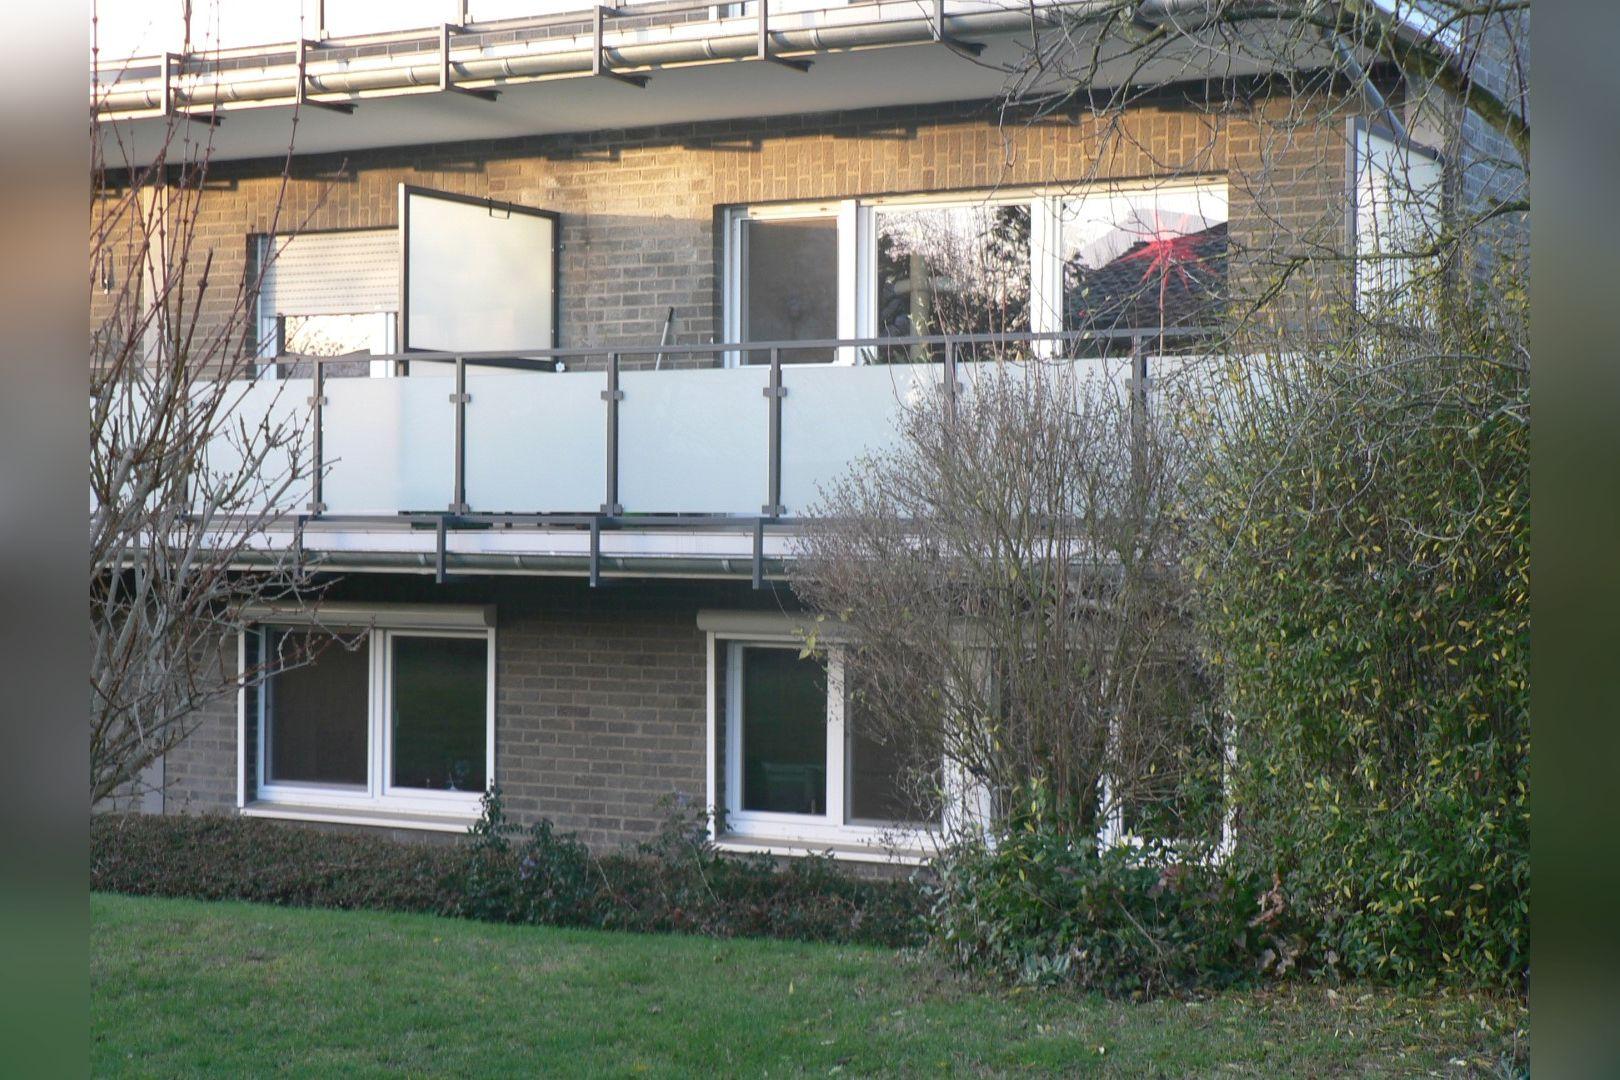 Immobilie Nr.0247 - Maisonette-Whg. über EG u. Sout. mit Loggia u. Garage  - Bild 2.jpg